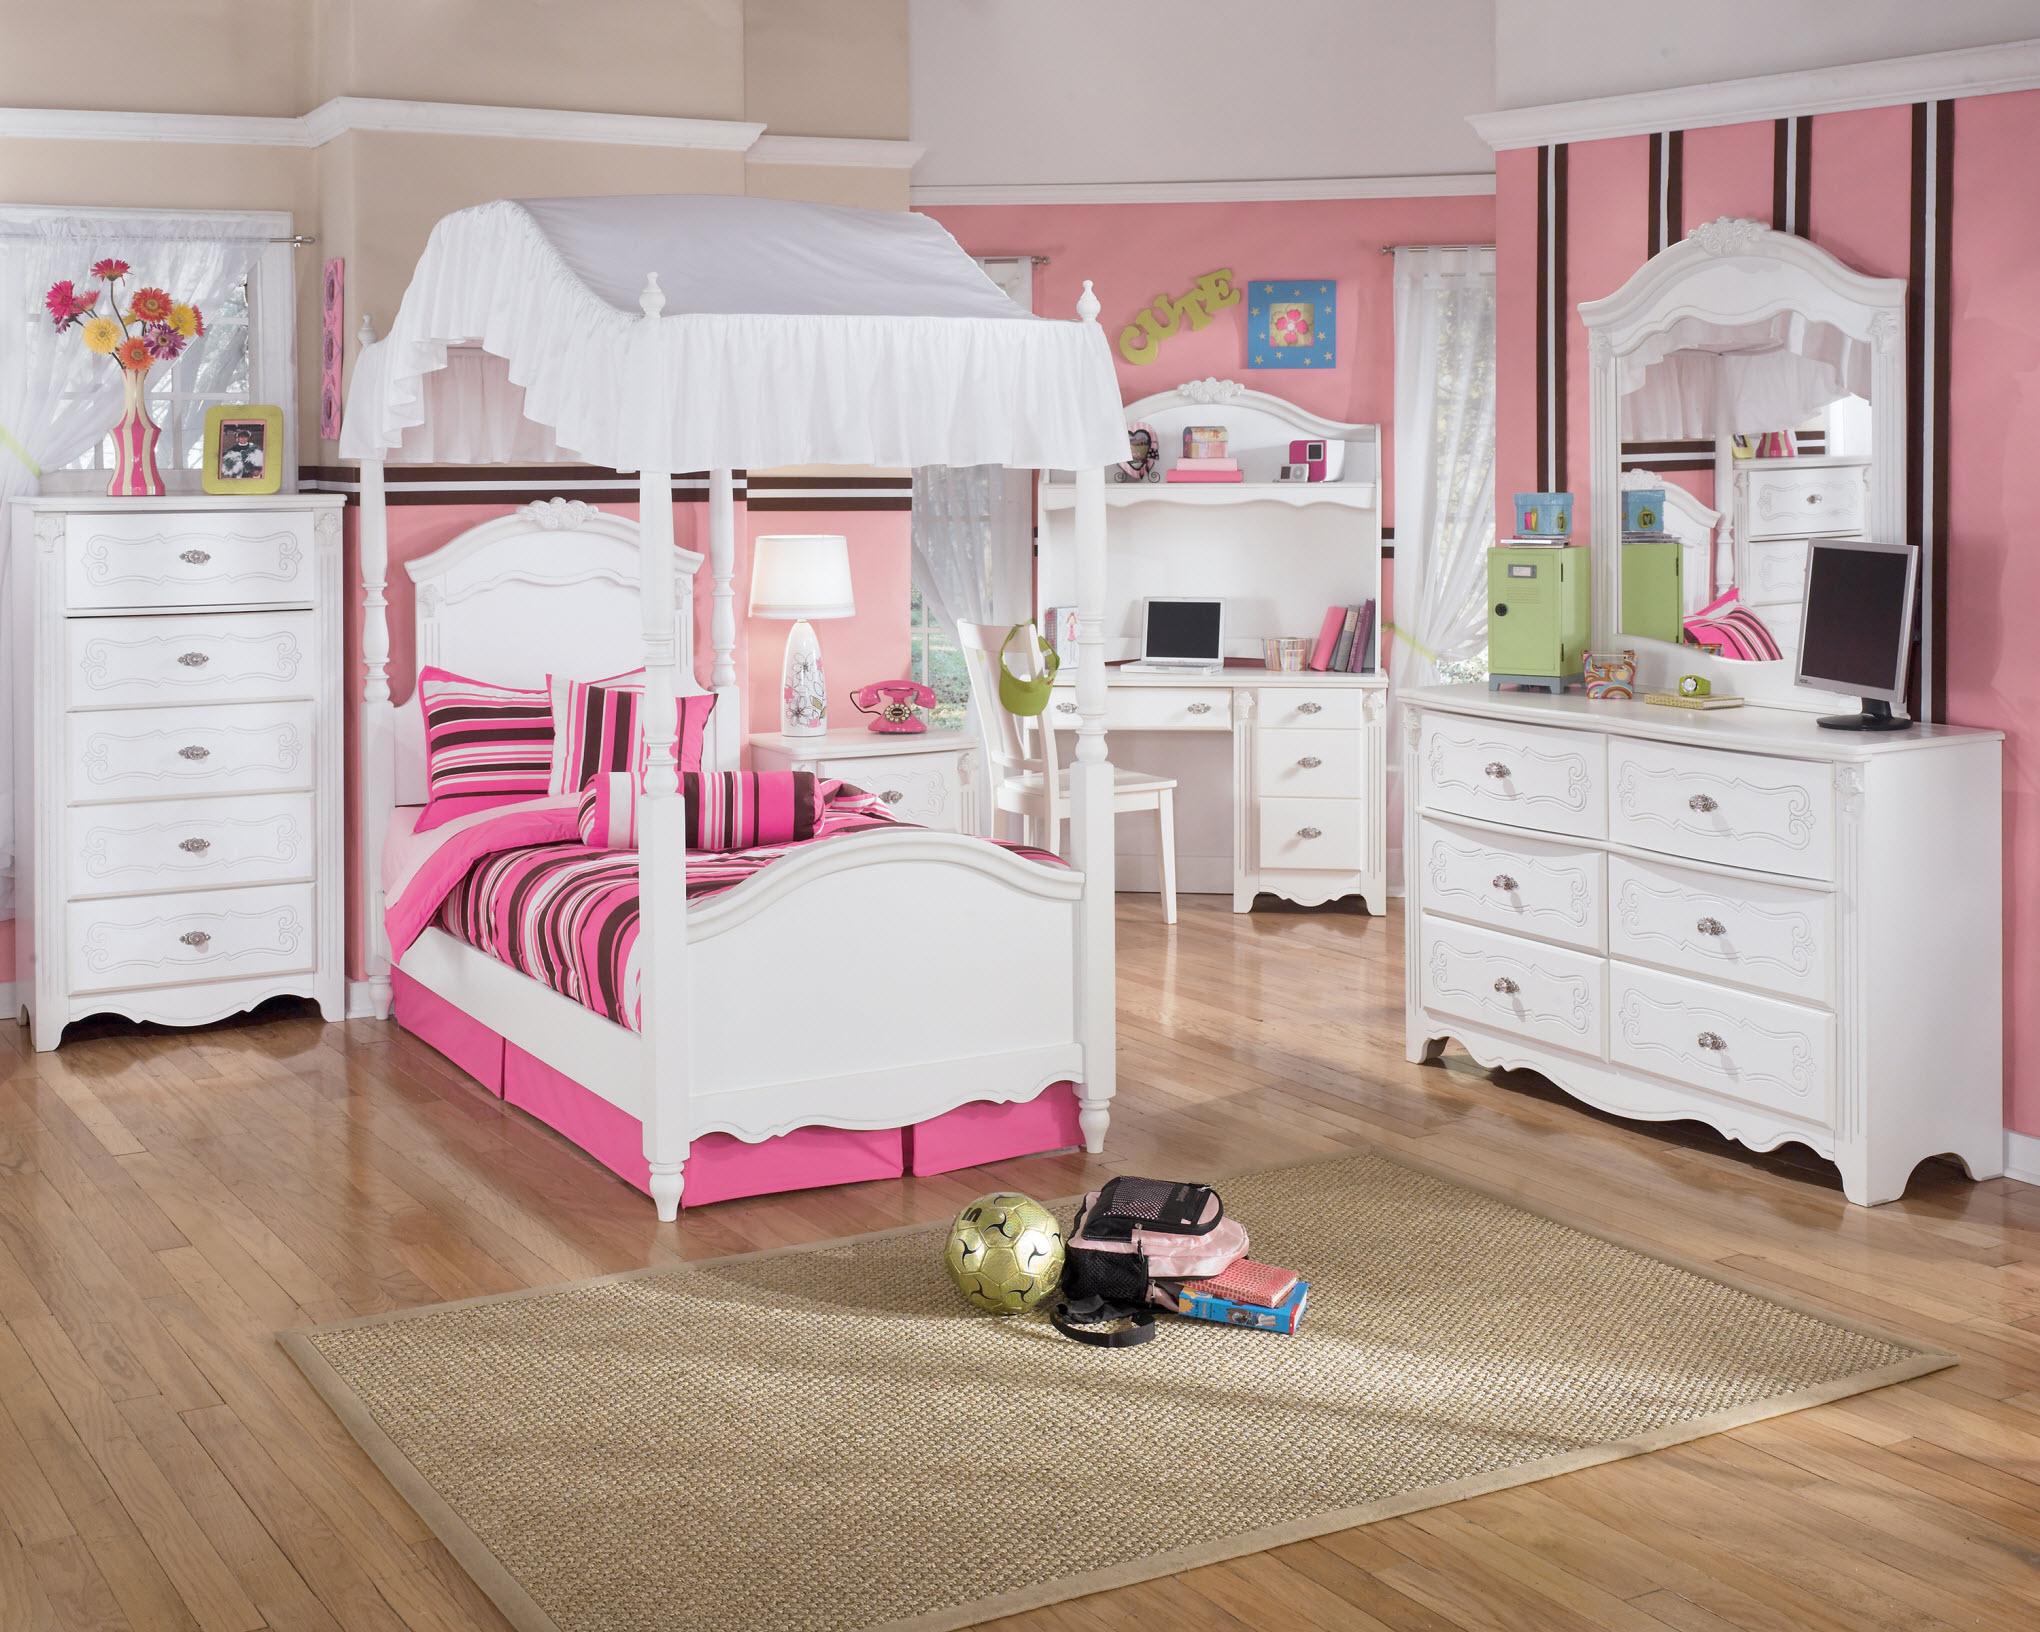 toddler bedroom sets ... breathtaking ashley furniture girl beds kids bedroom sets under 500  white NDXMRMA